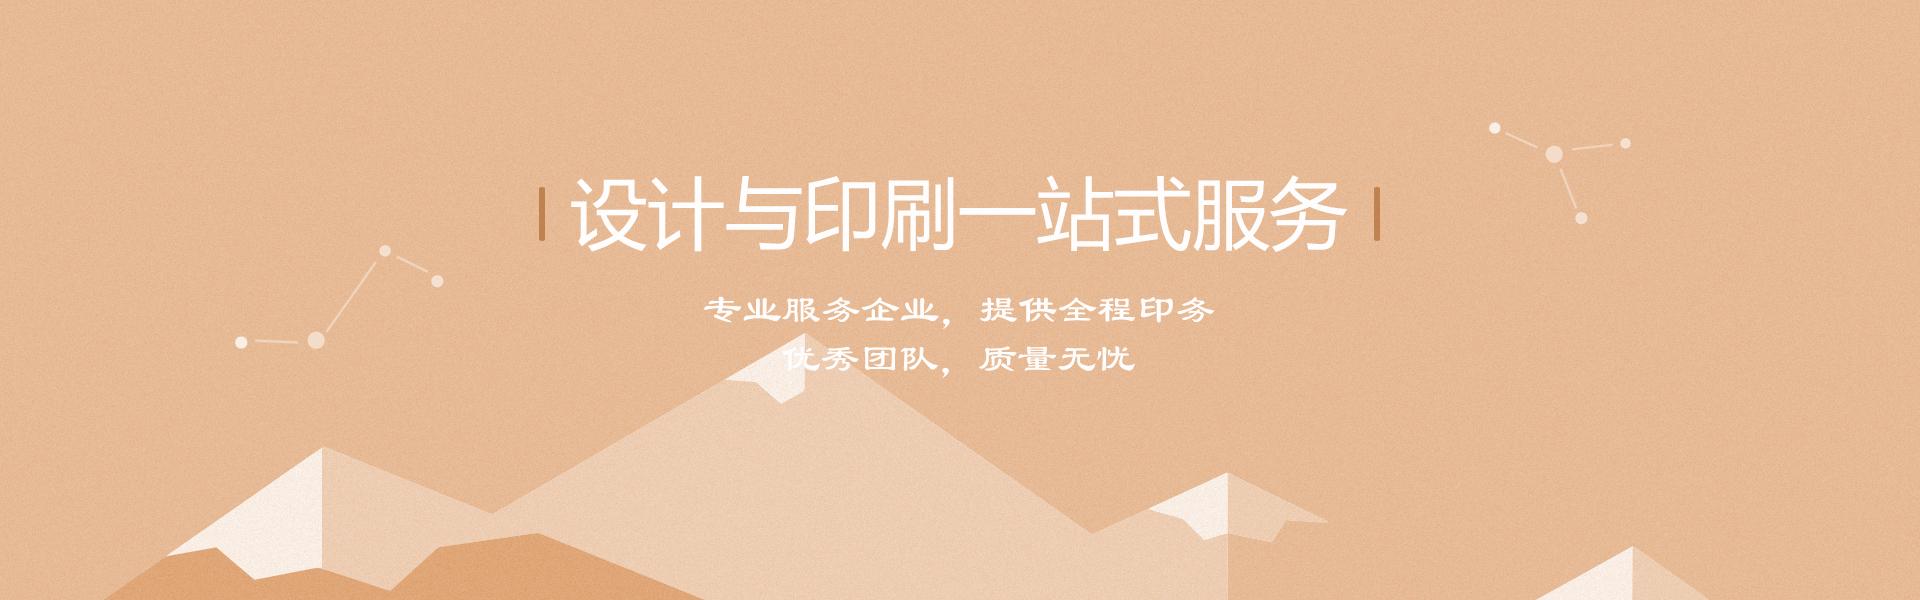 苏州印刷厂_苏州包装设计印刷公司_苏州亿利达印刷